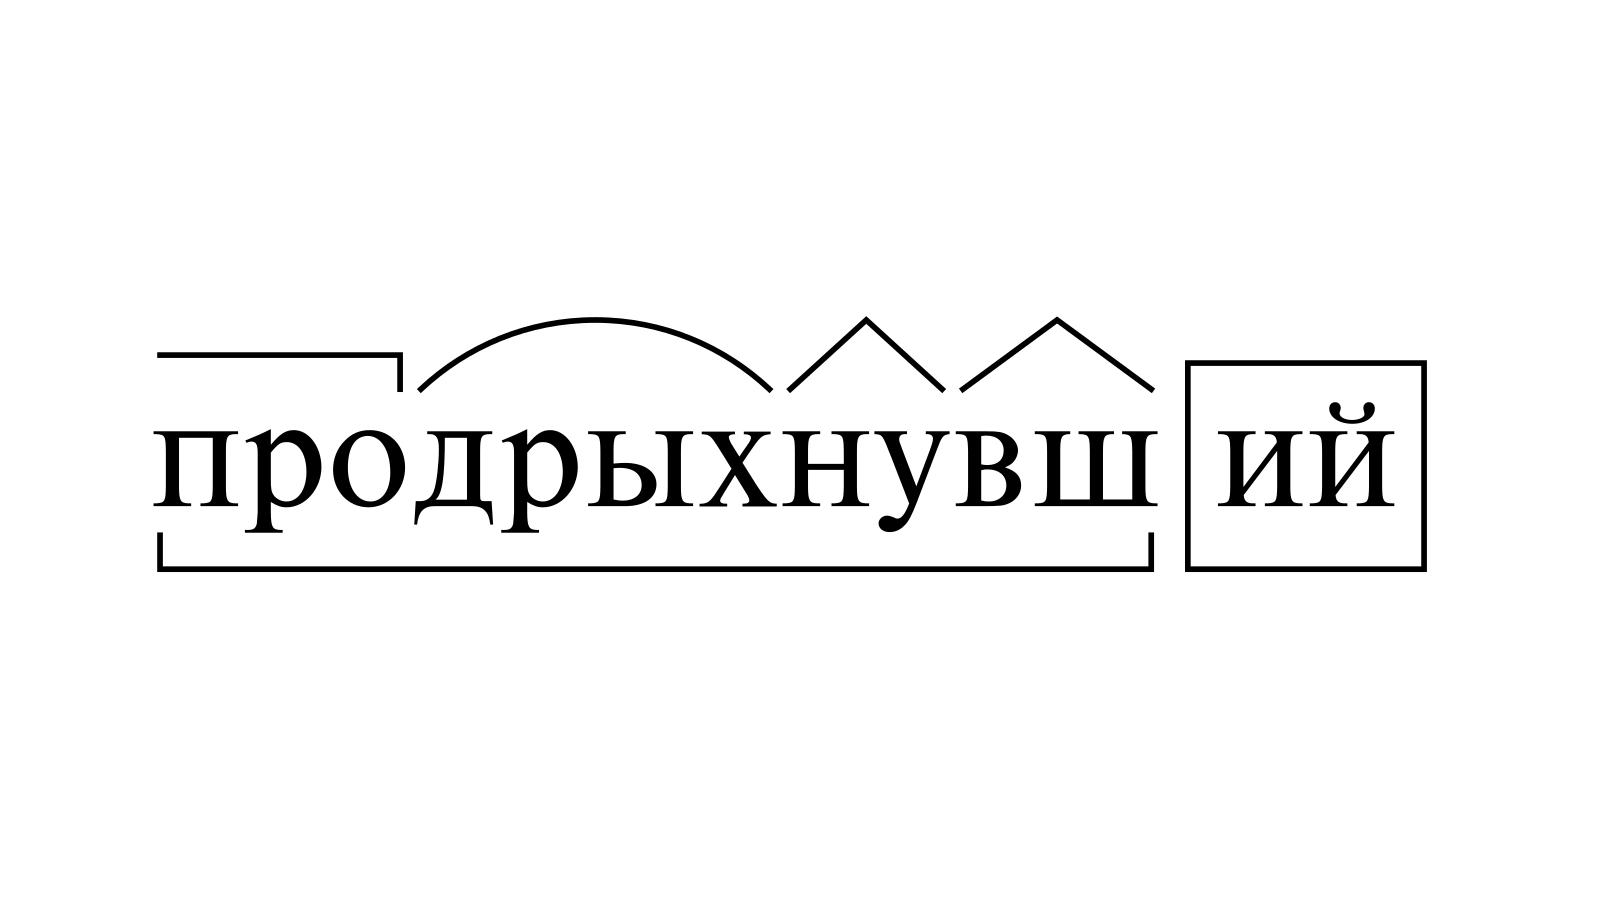 Разбор слова «продрыхнувший» по составу